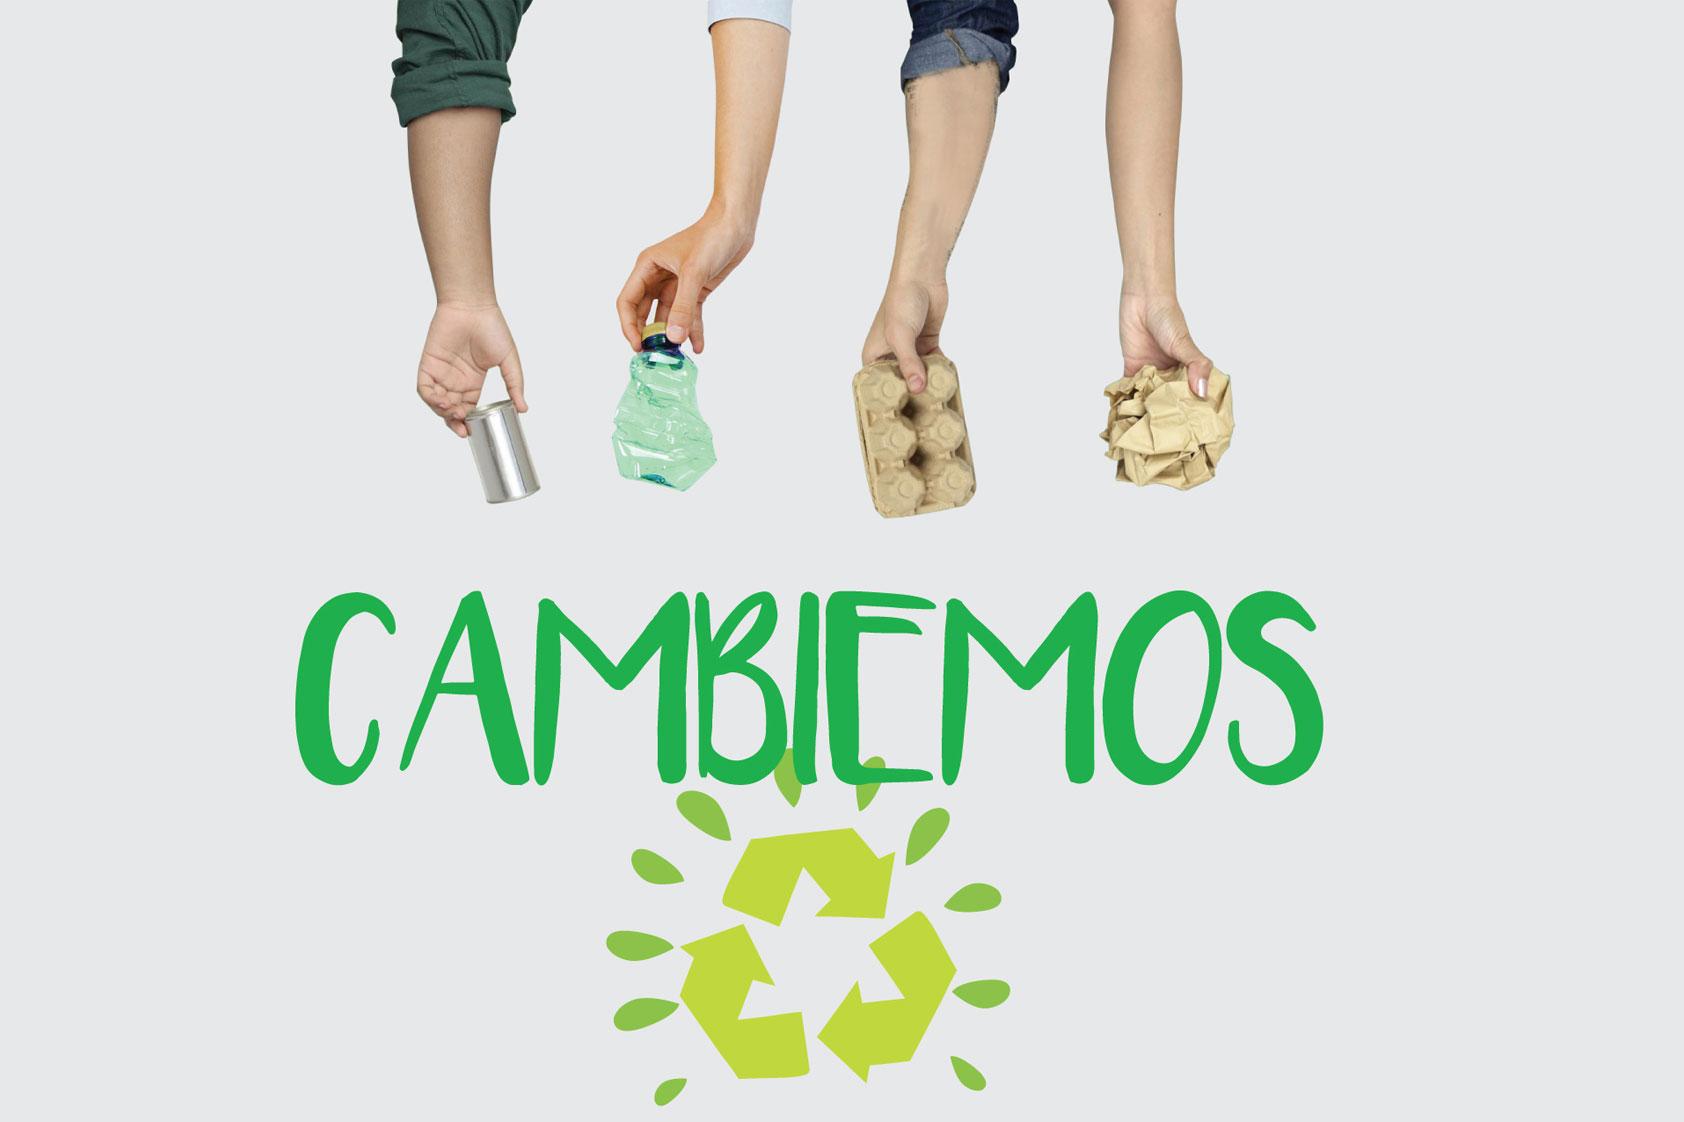 ¡Todo el campus a reciclar!